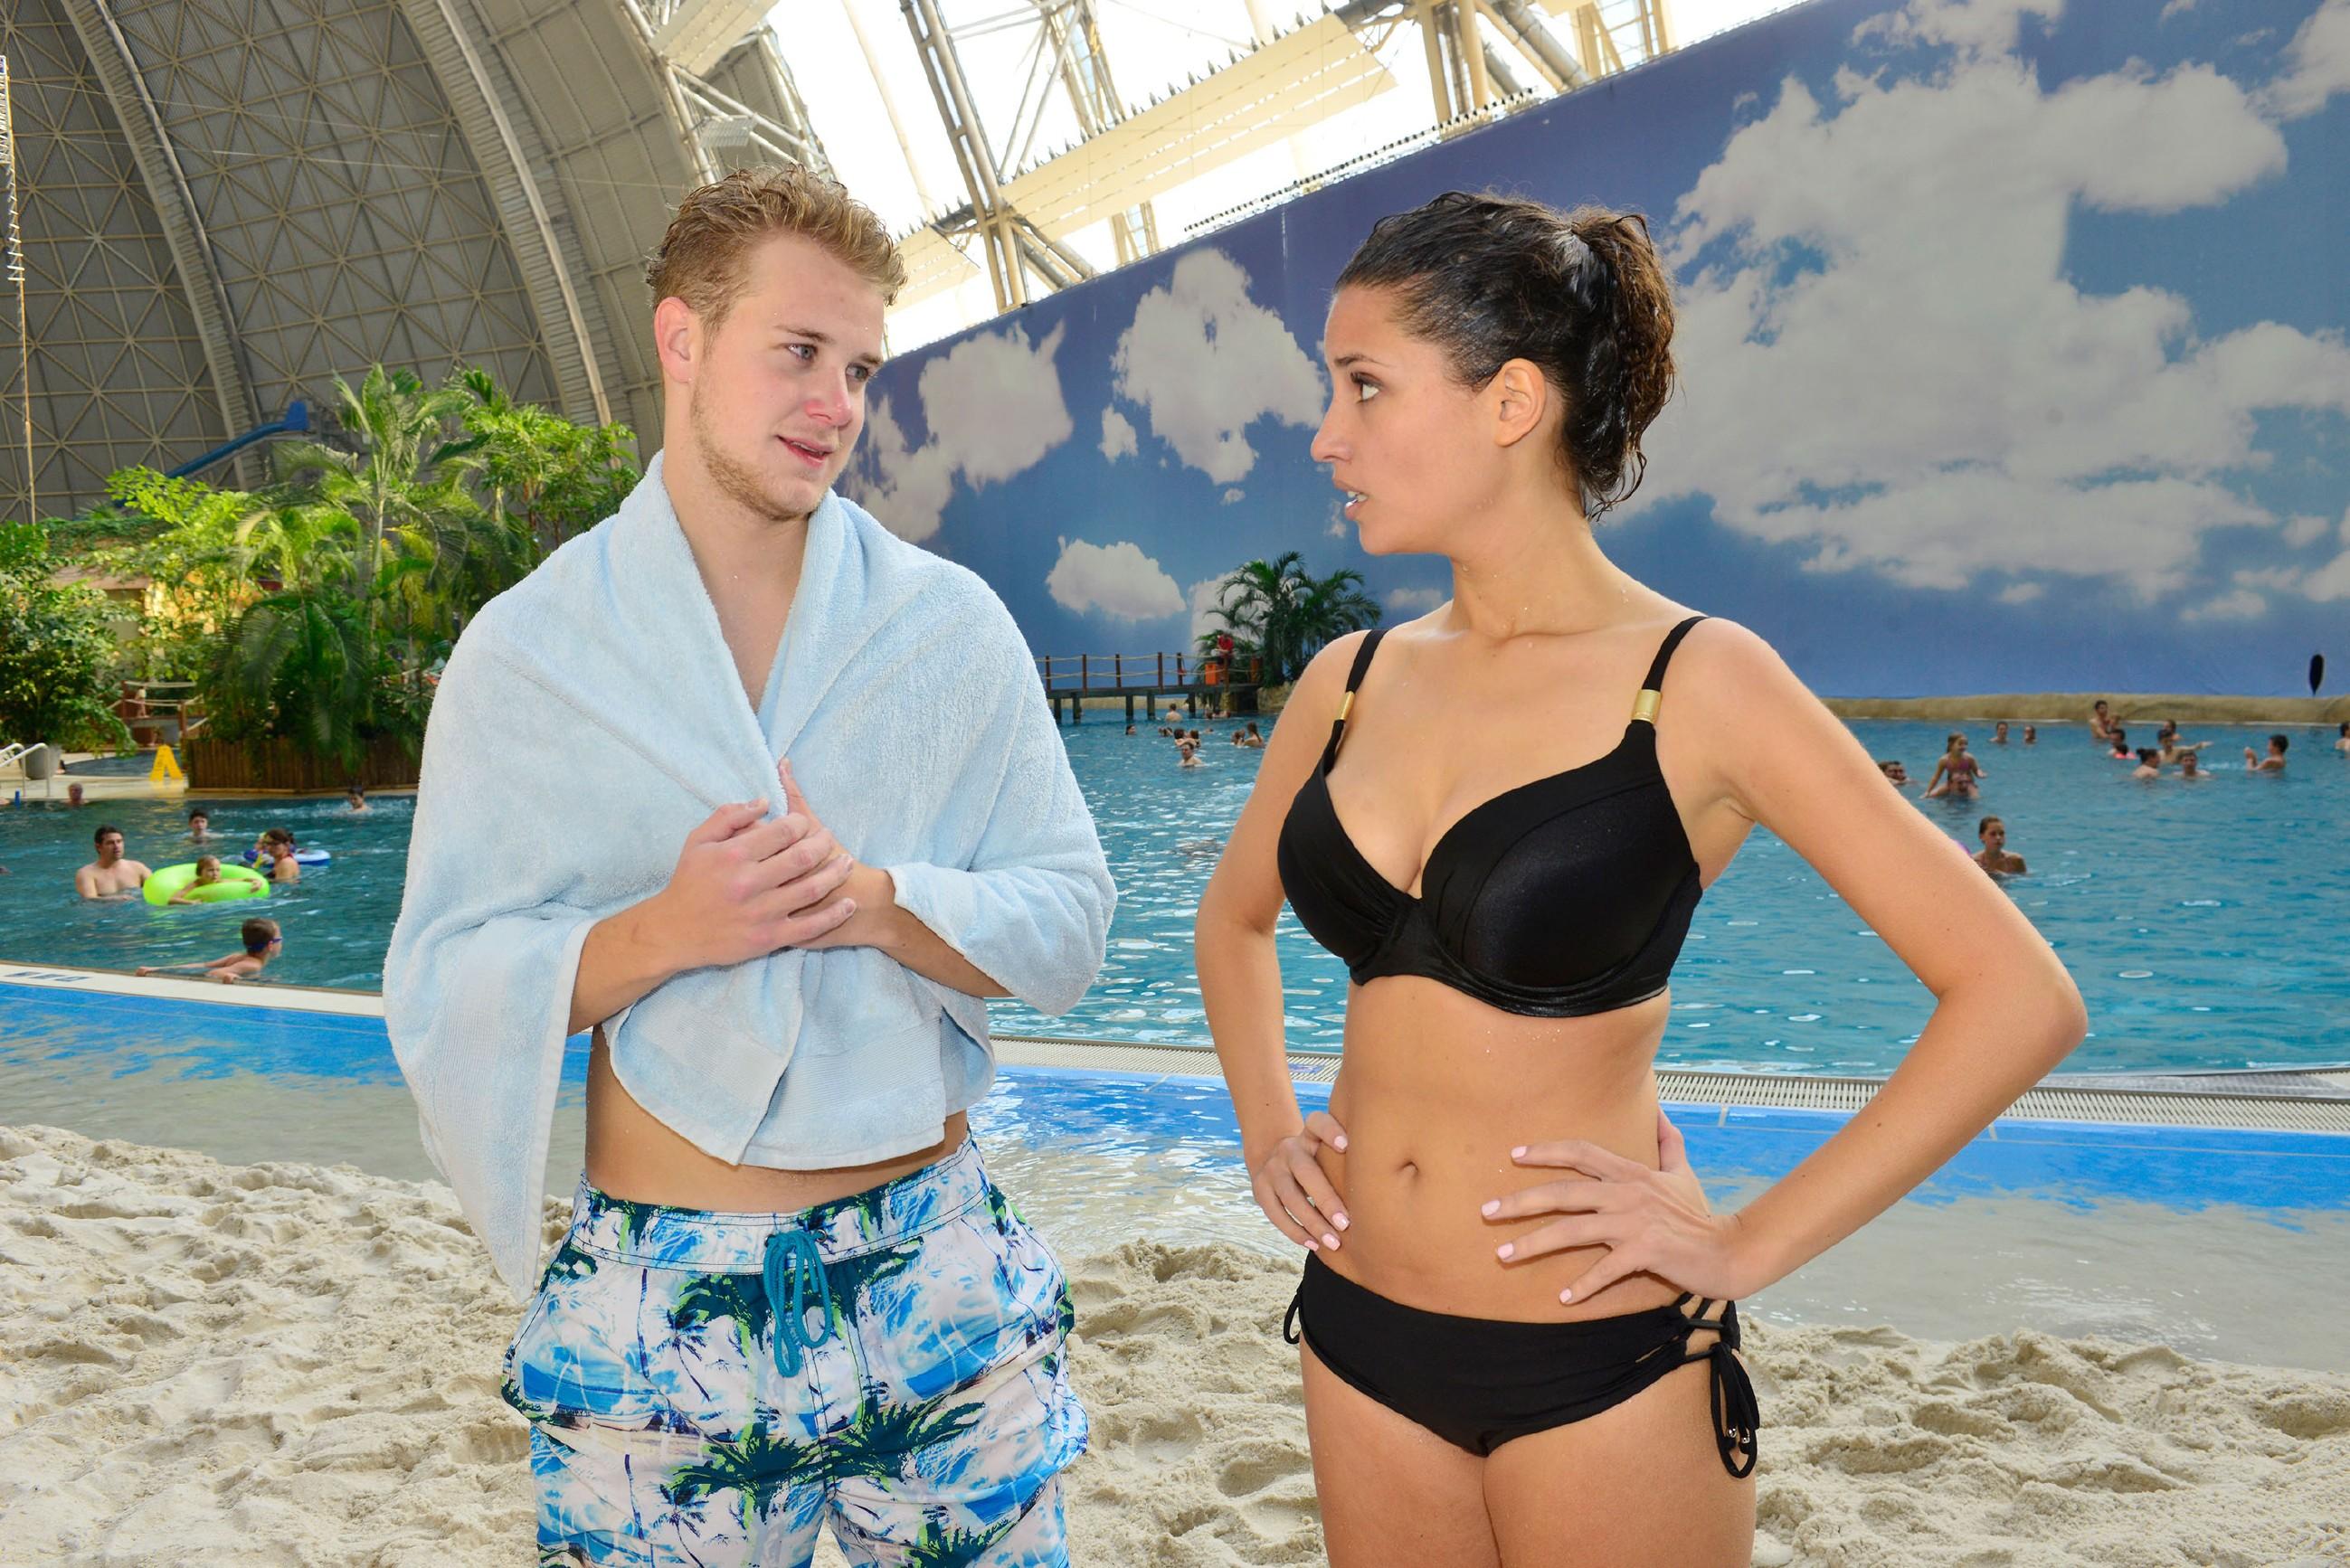 Als die Freunde einen Tag im Spaßbad verbringen, hat Jonas (Felix van Deventer) zur Enttäuschung von Selma nur Augen für Ayla (Nadine Menz). (Quelle: RTL / Rolf Baumgartner)